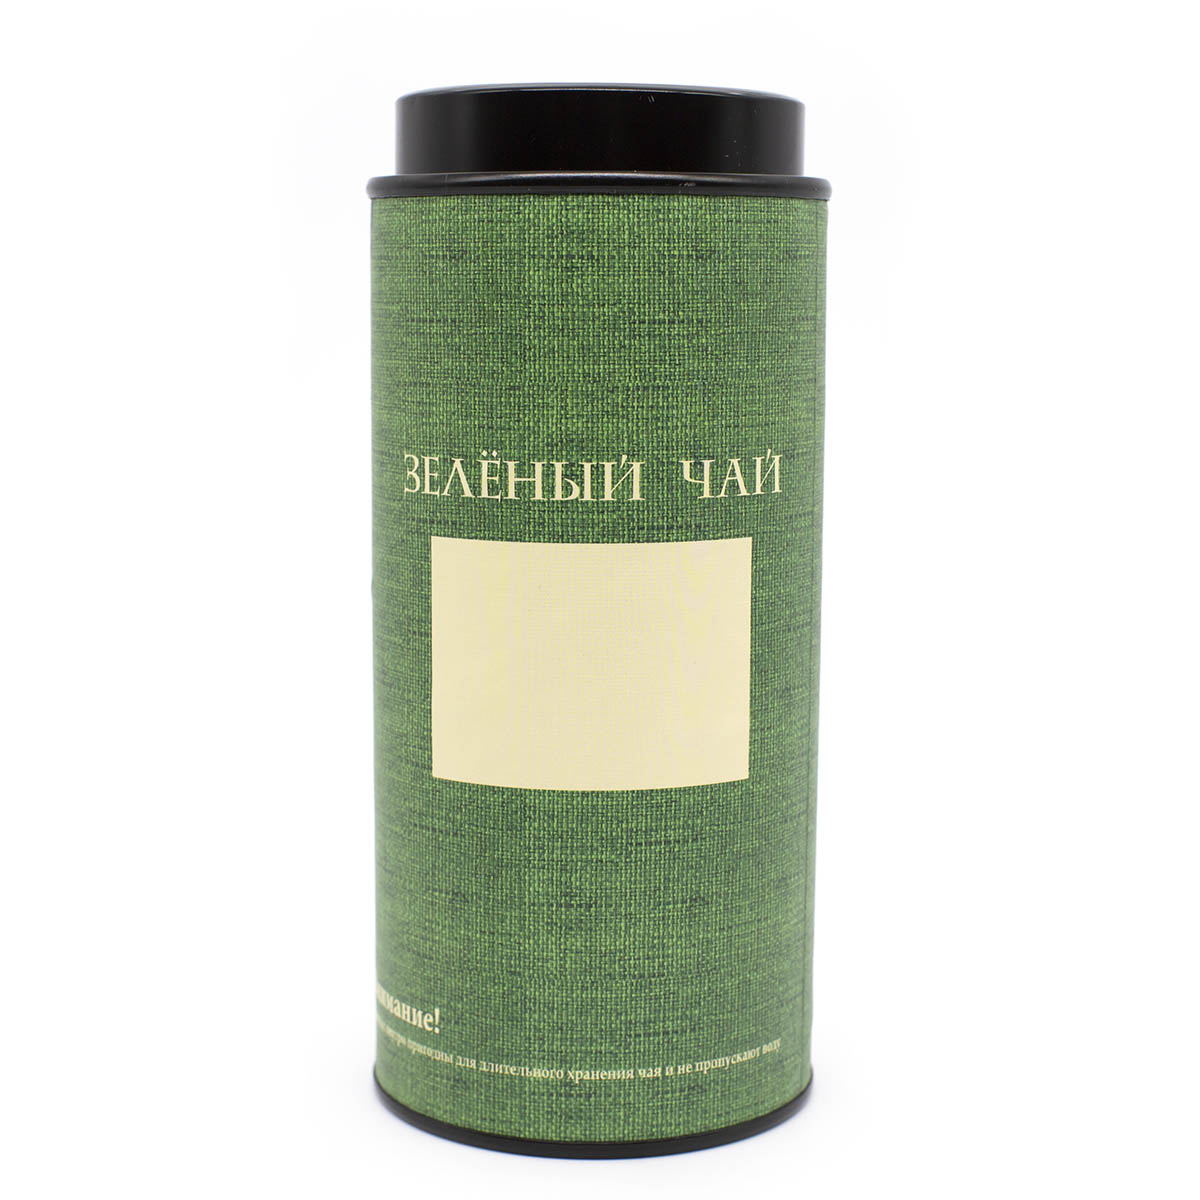 Банка картонная Мелодия неба - Зеленый чай 76*145 maitre de the женьшень улун зеленый листовой чай 150 г жестяная банка